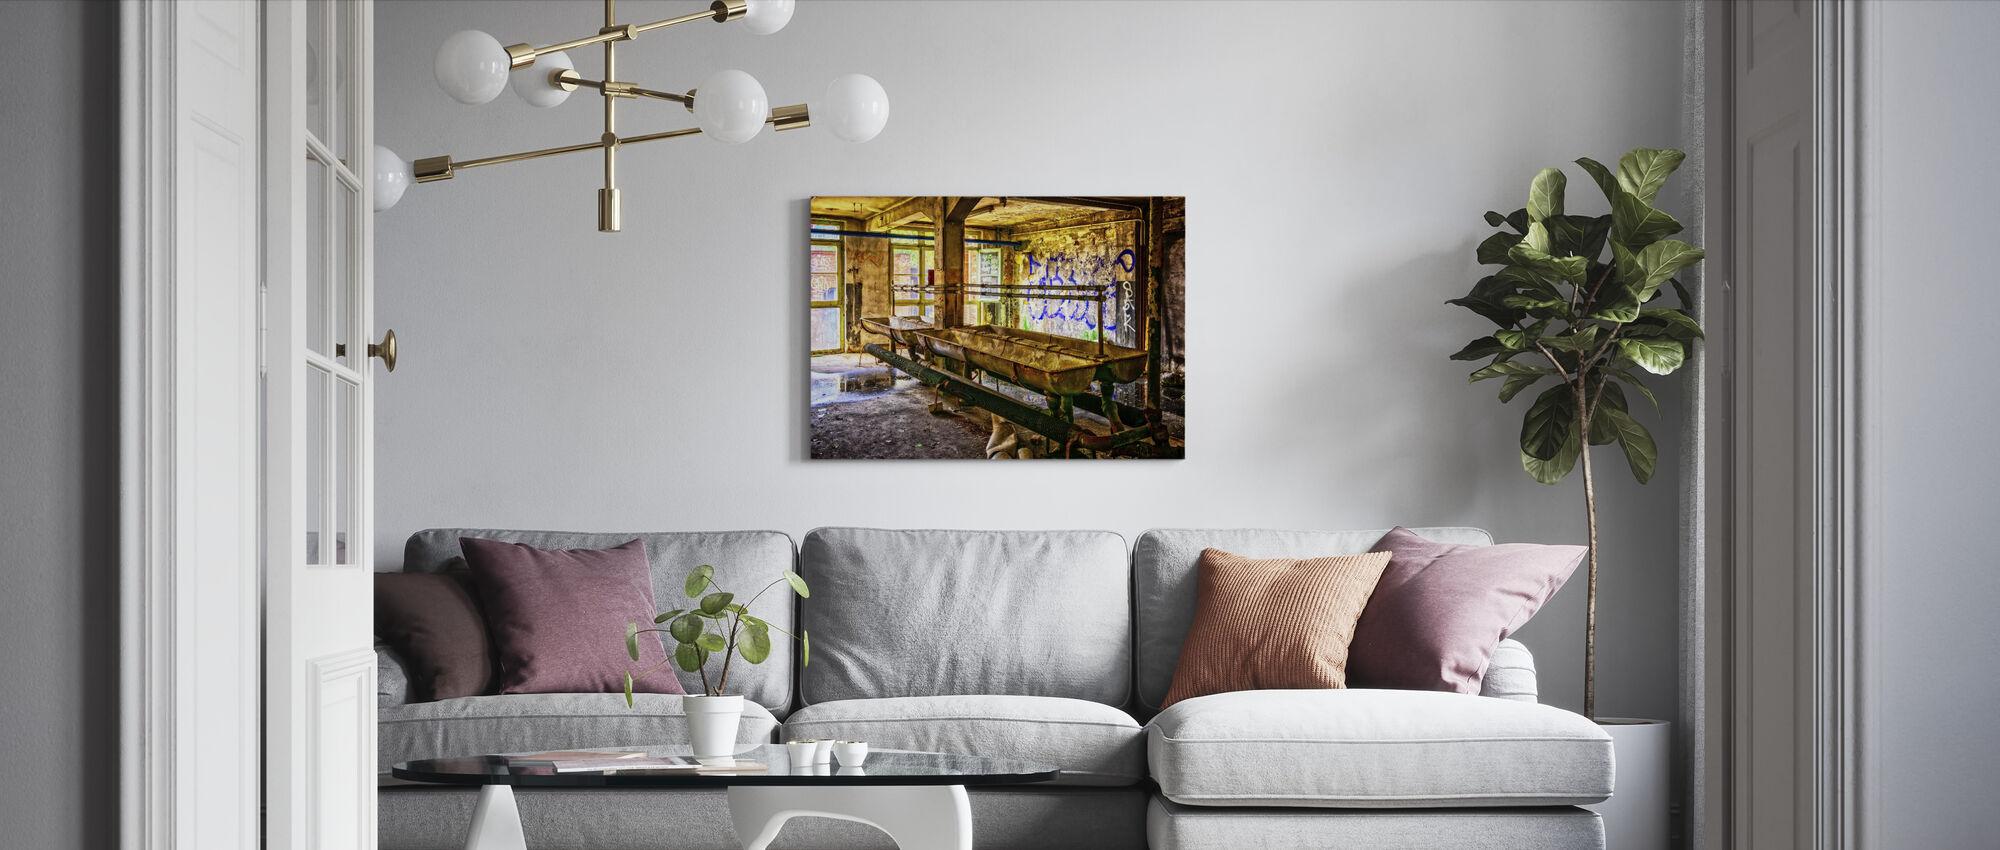 Old Washroom - Canvas print - Living Room